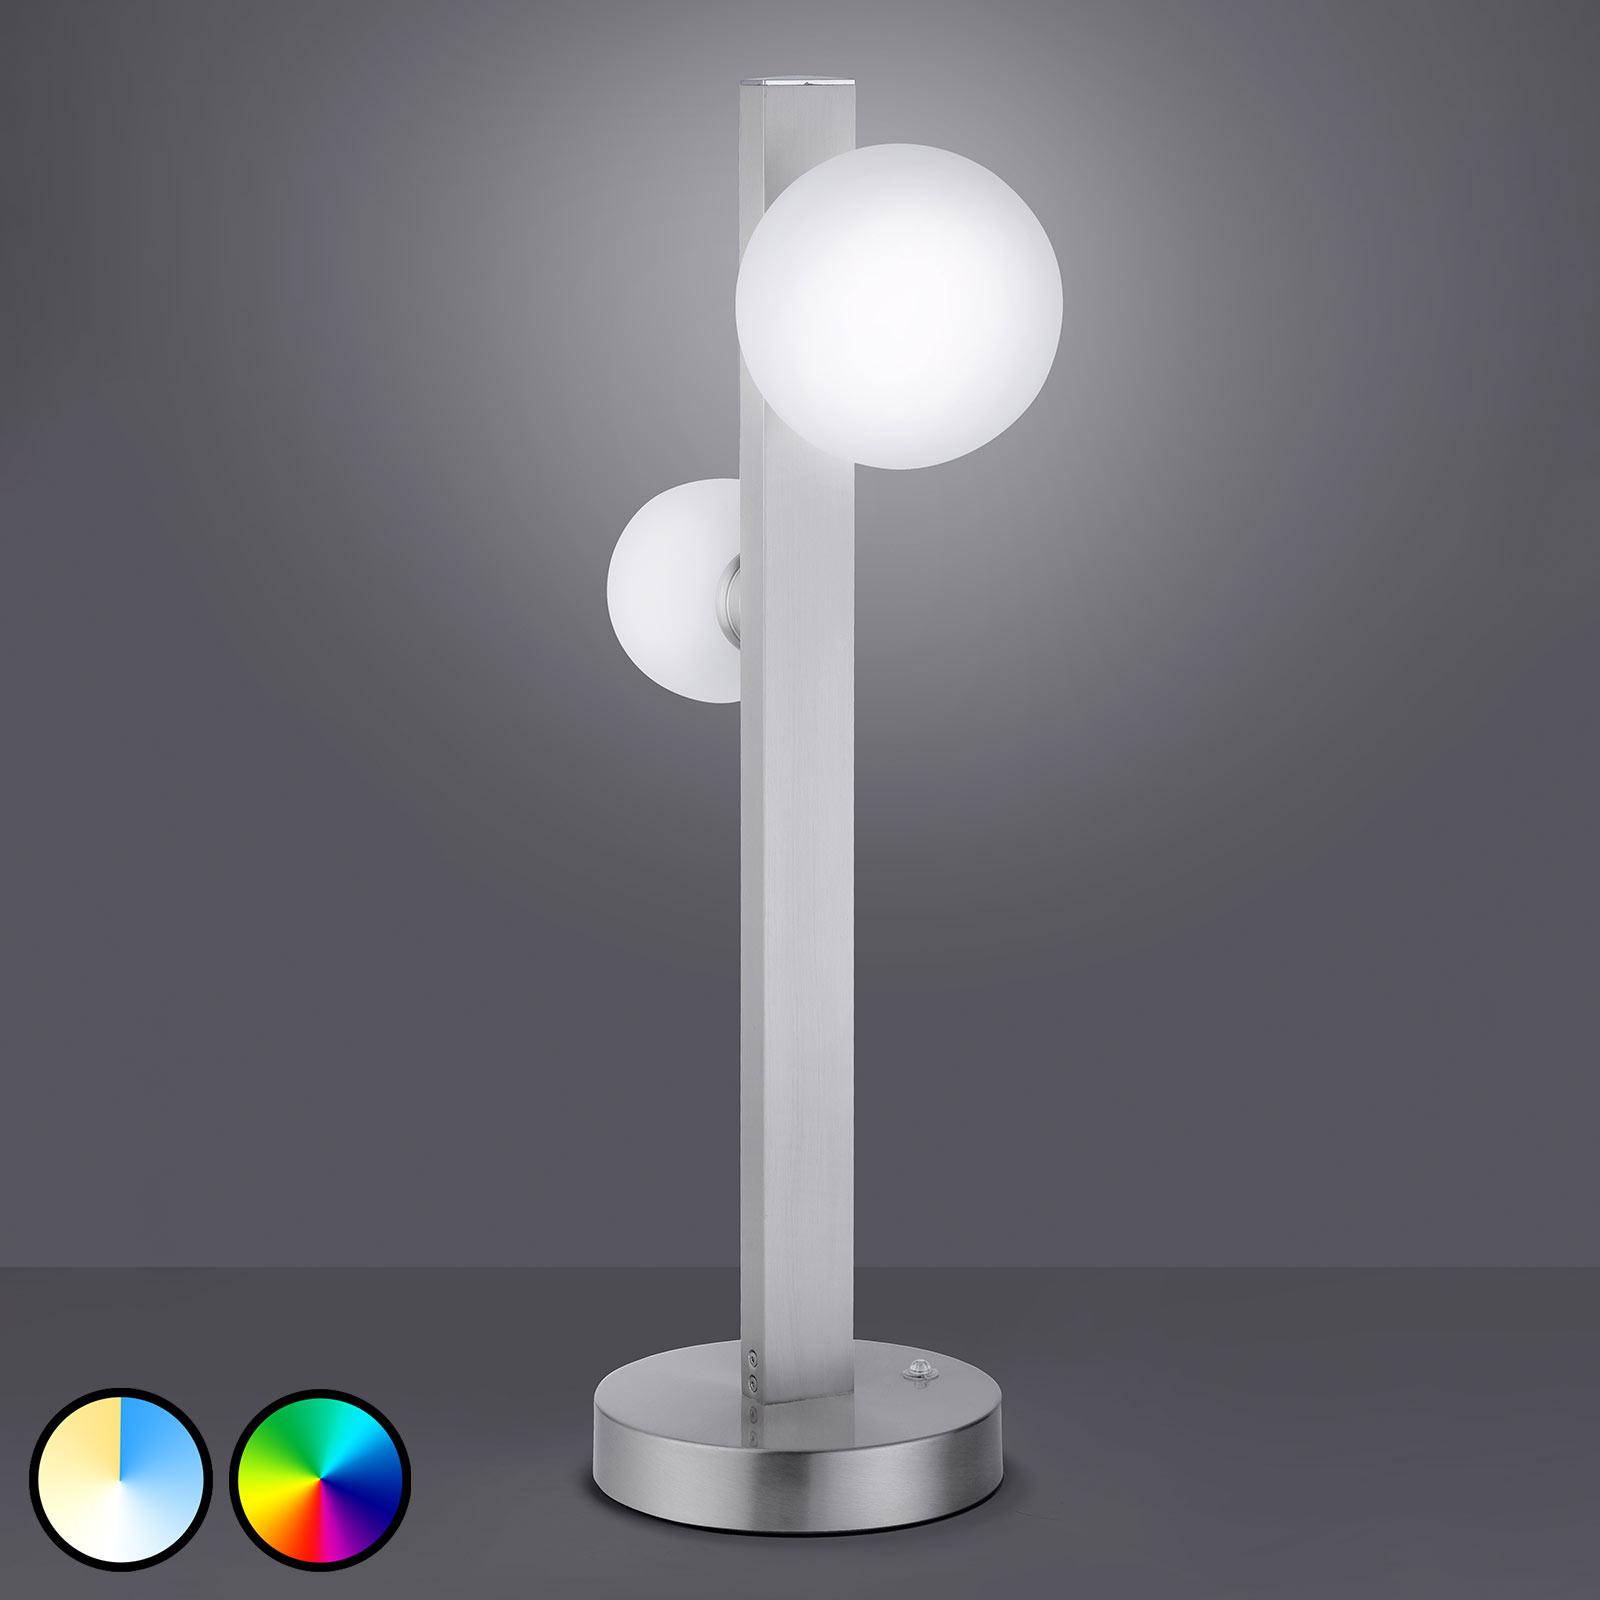 Trio WiZ Dicapo lampa stołowa LED, 2-punktowa